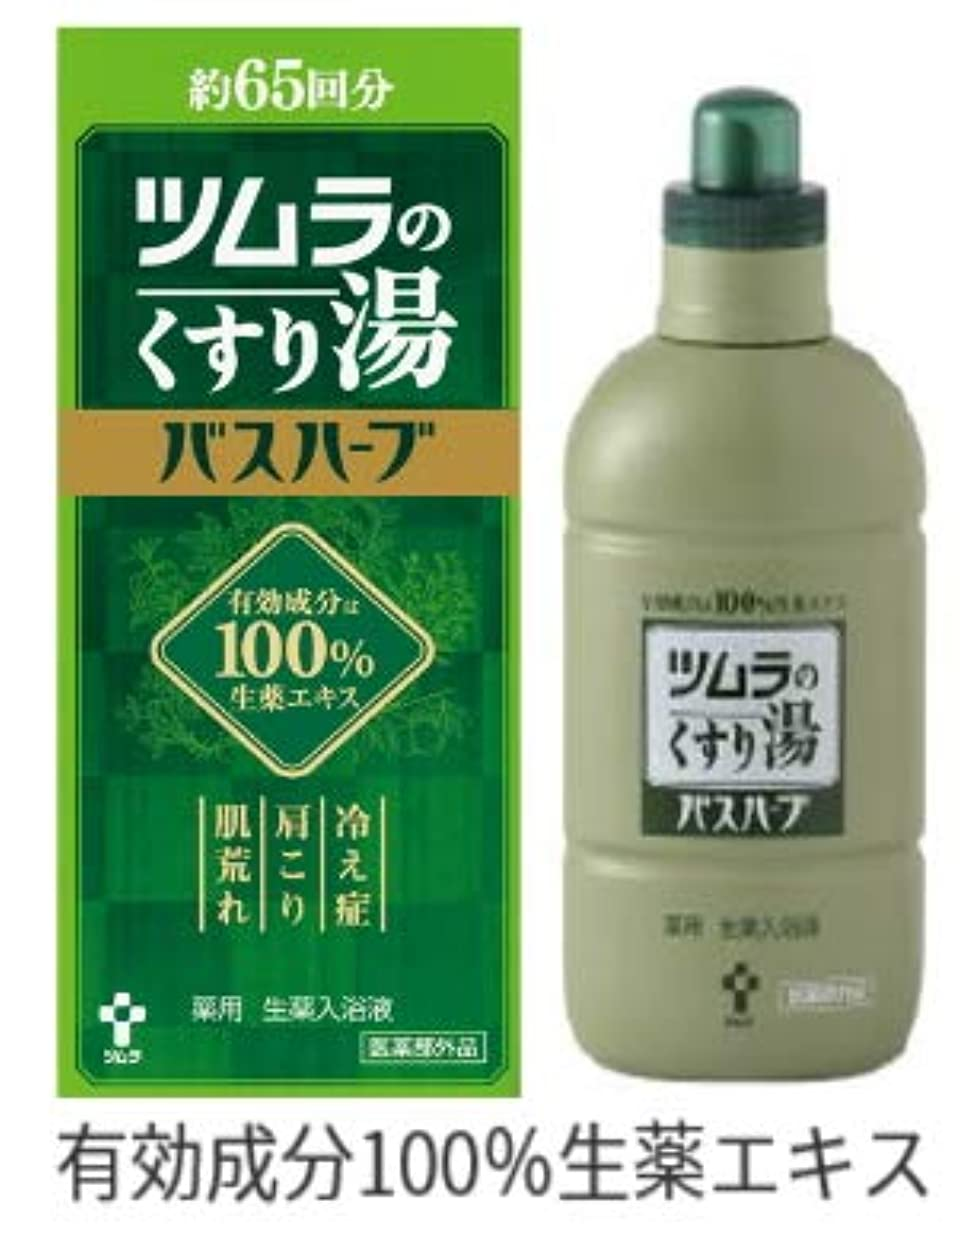 お勧め疼痛発生するツムラのくすり湯 バスハーブ 650mlx3個セット (4987138570055)